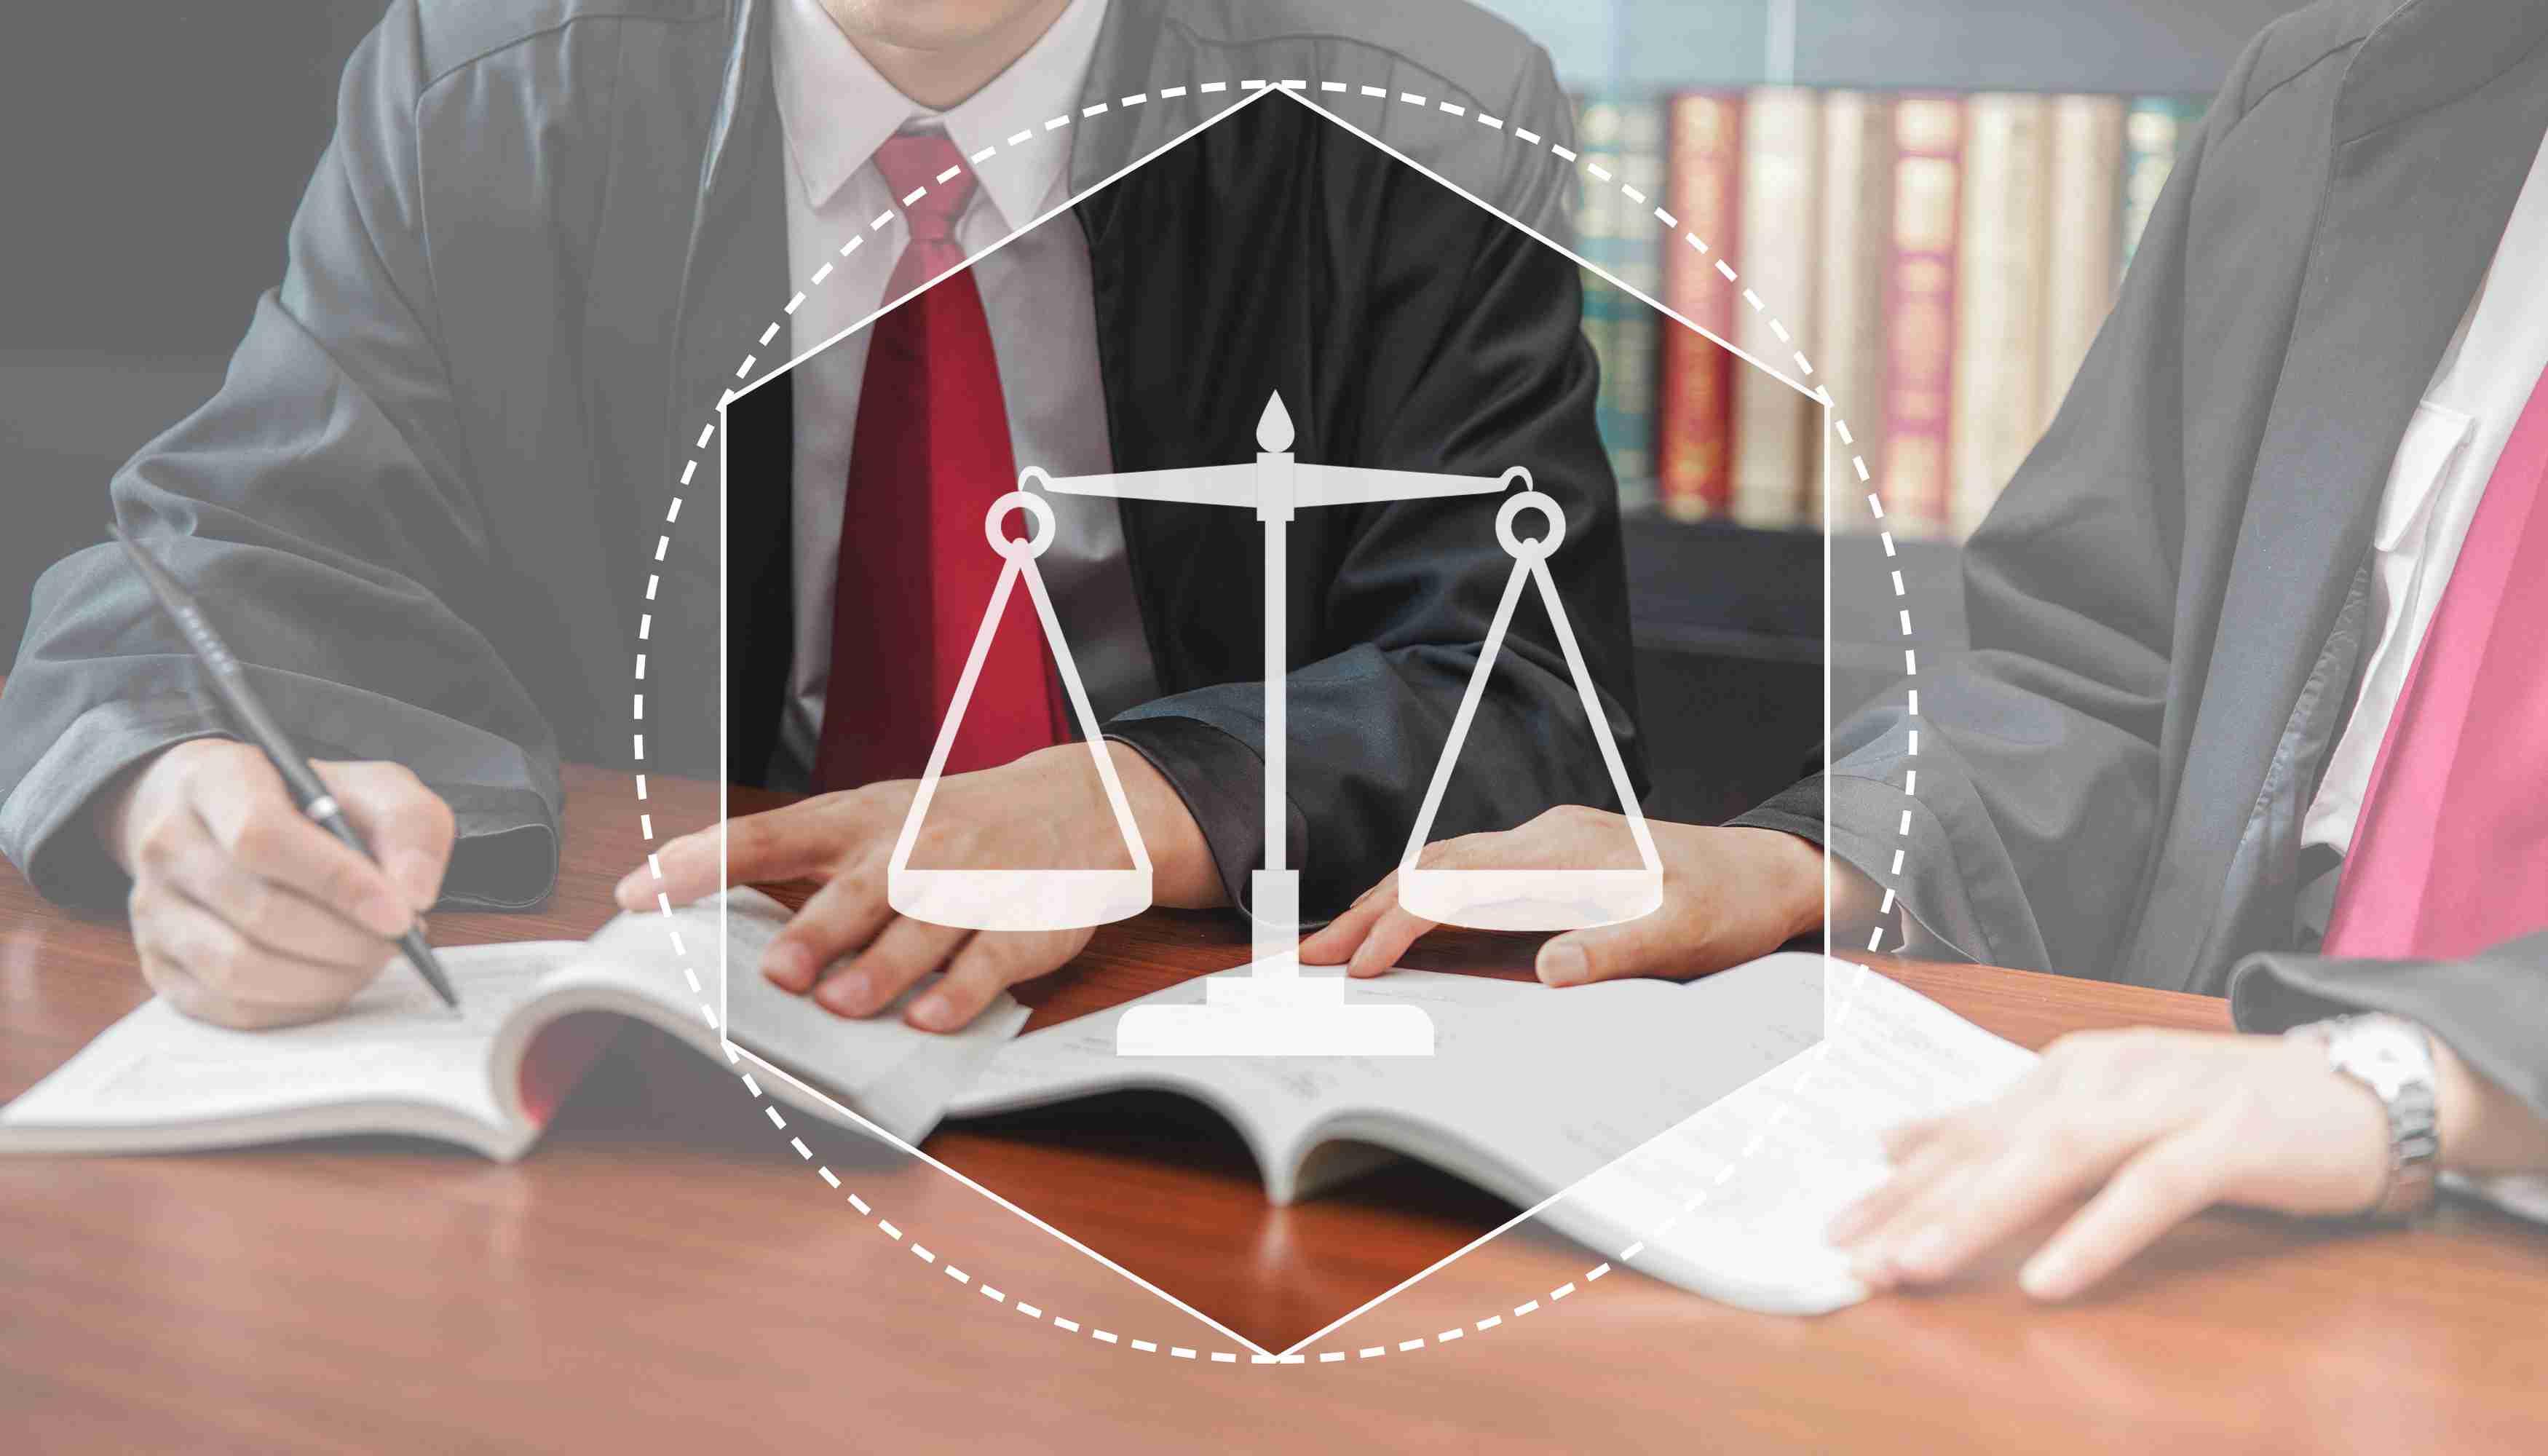 遇到作品版权侵权 如何收集保存证据